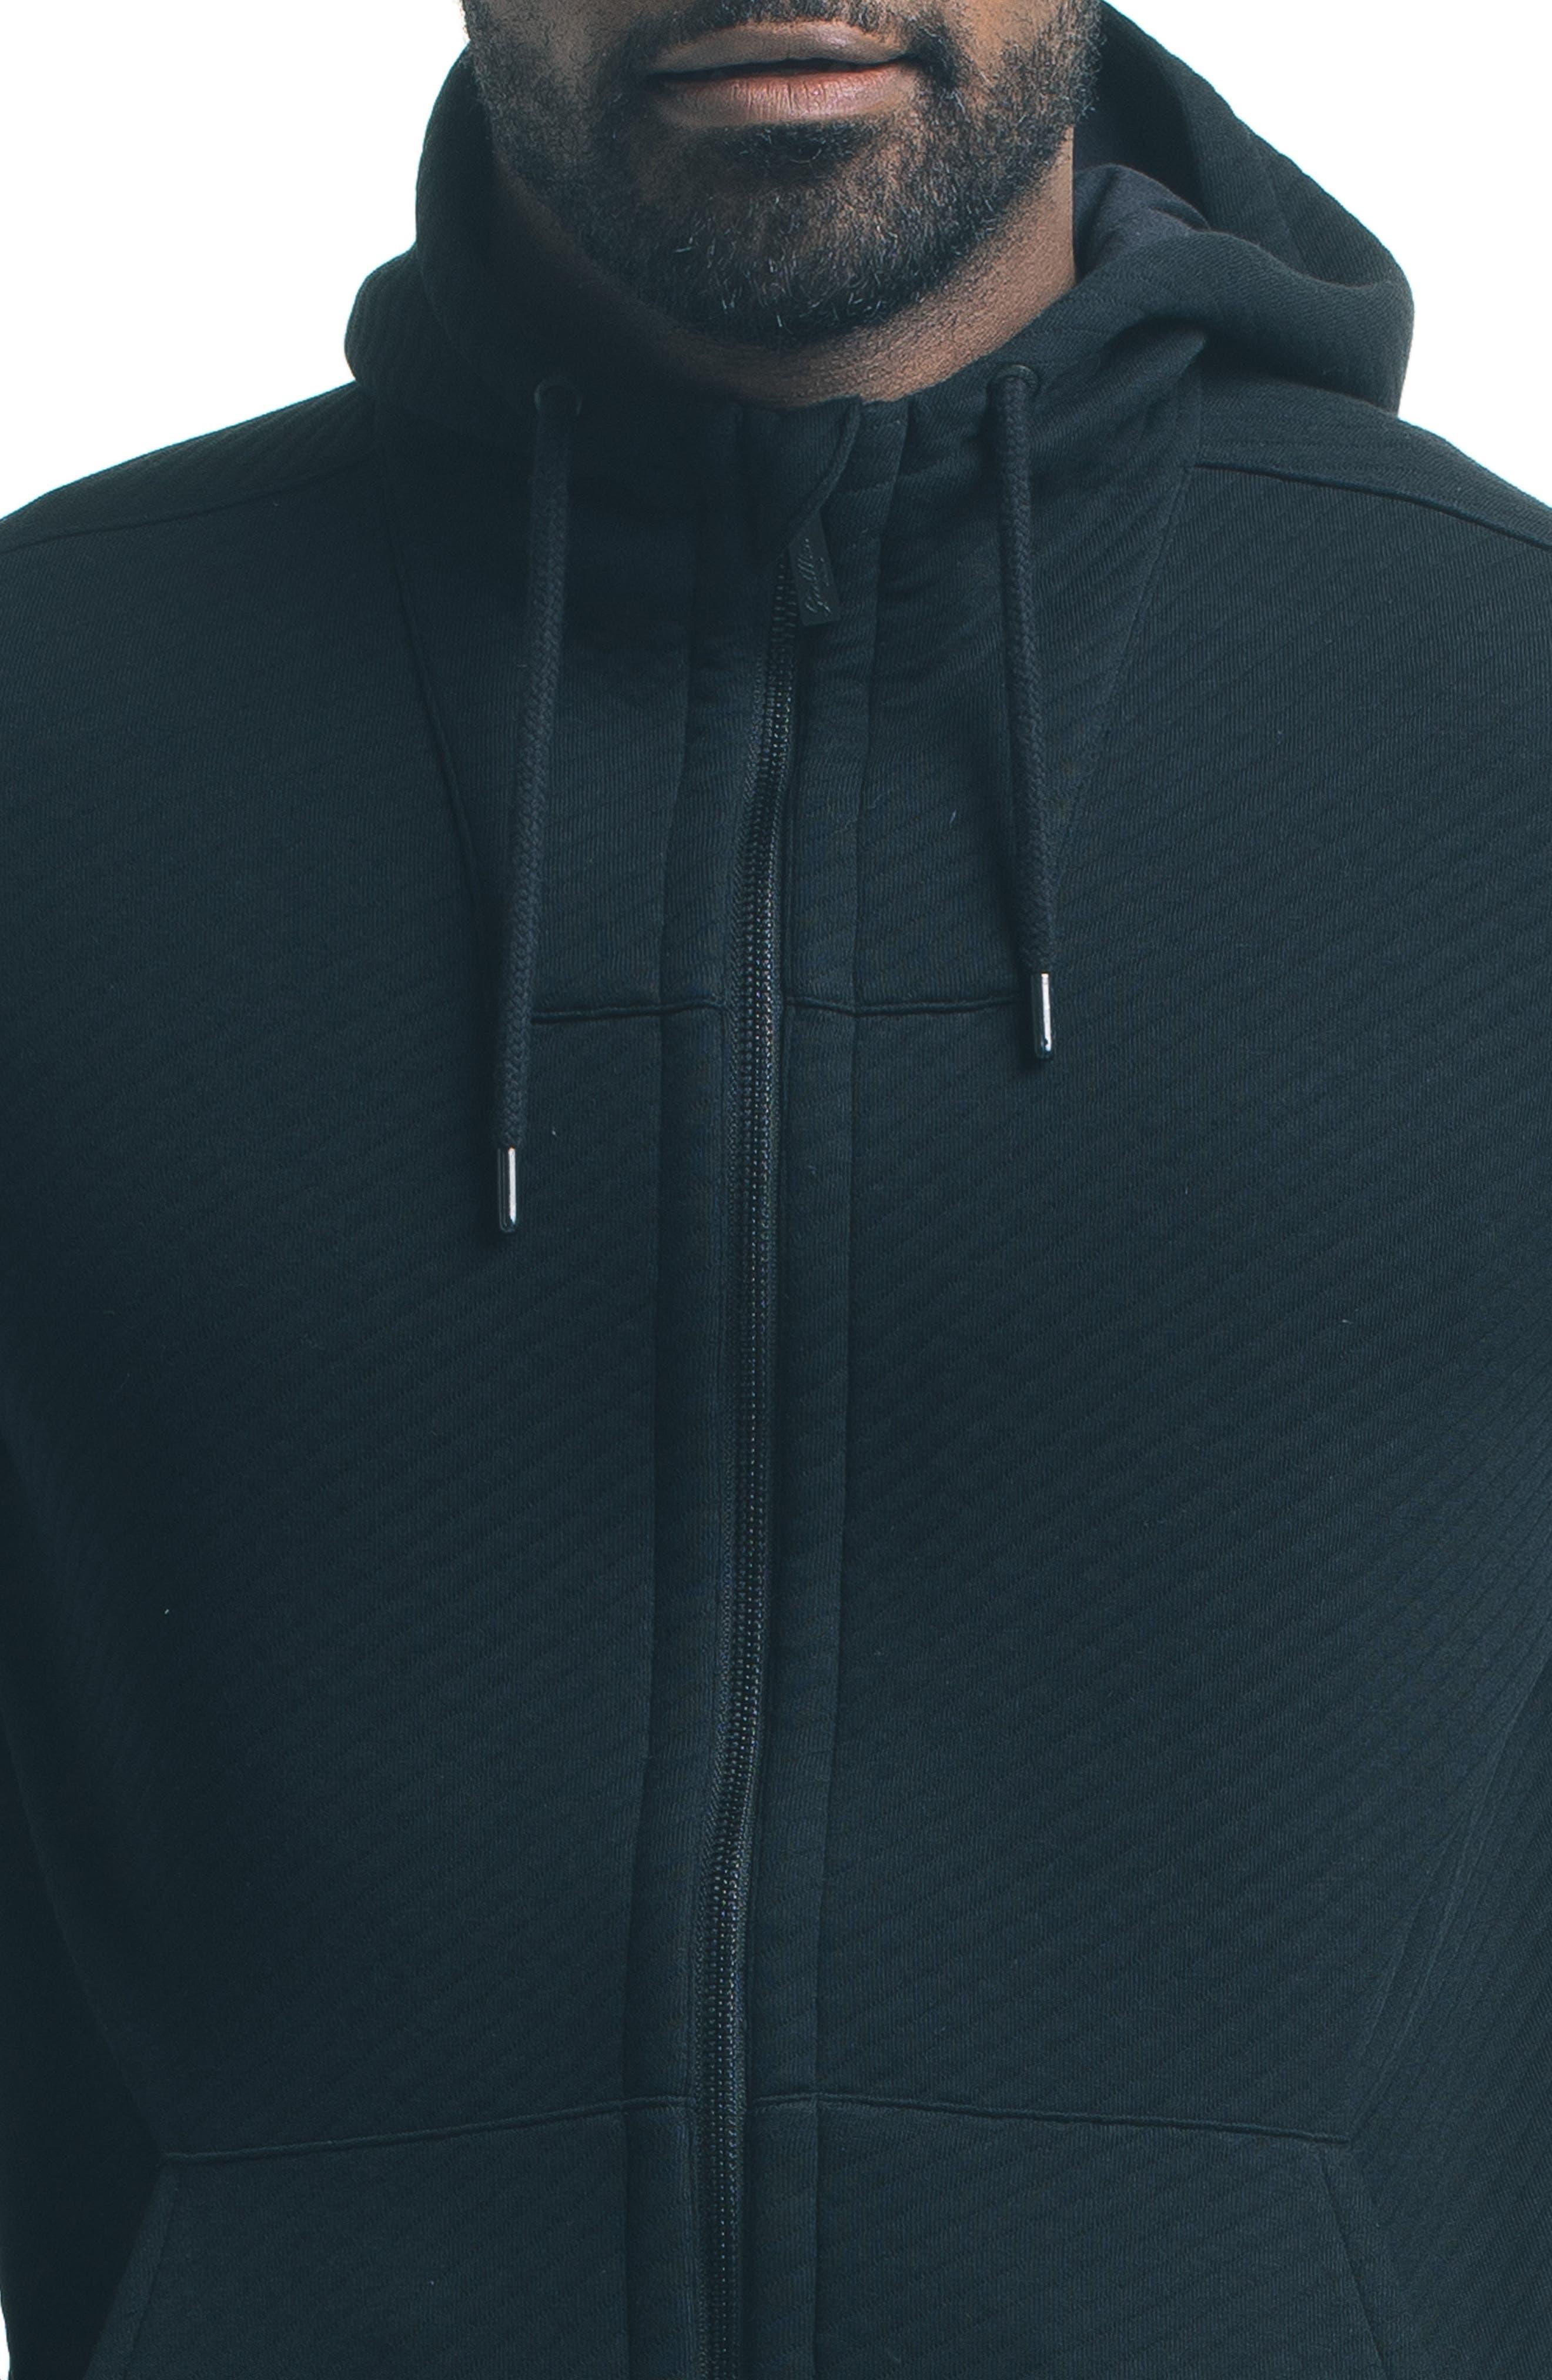 Texture Zip Hoodie,                             Alternate thumbnail 4, color,                             001